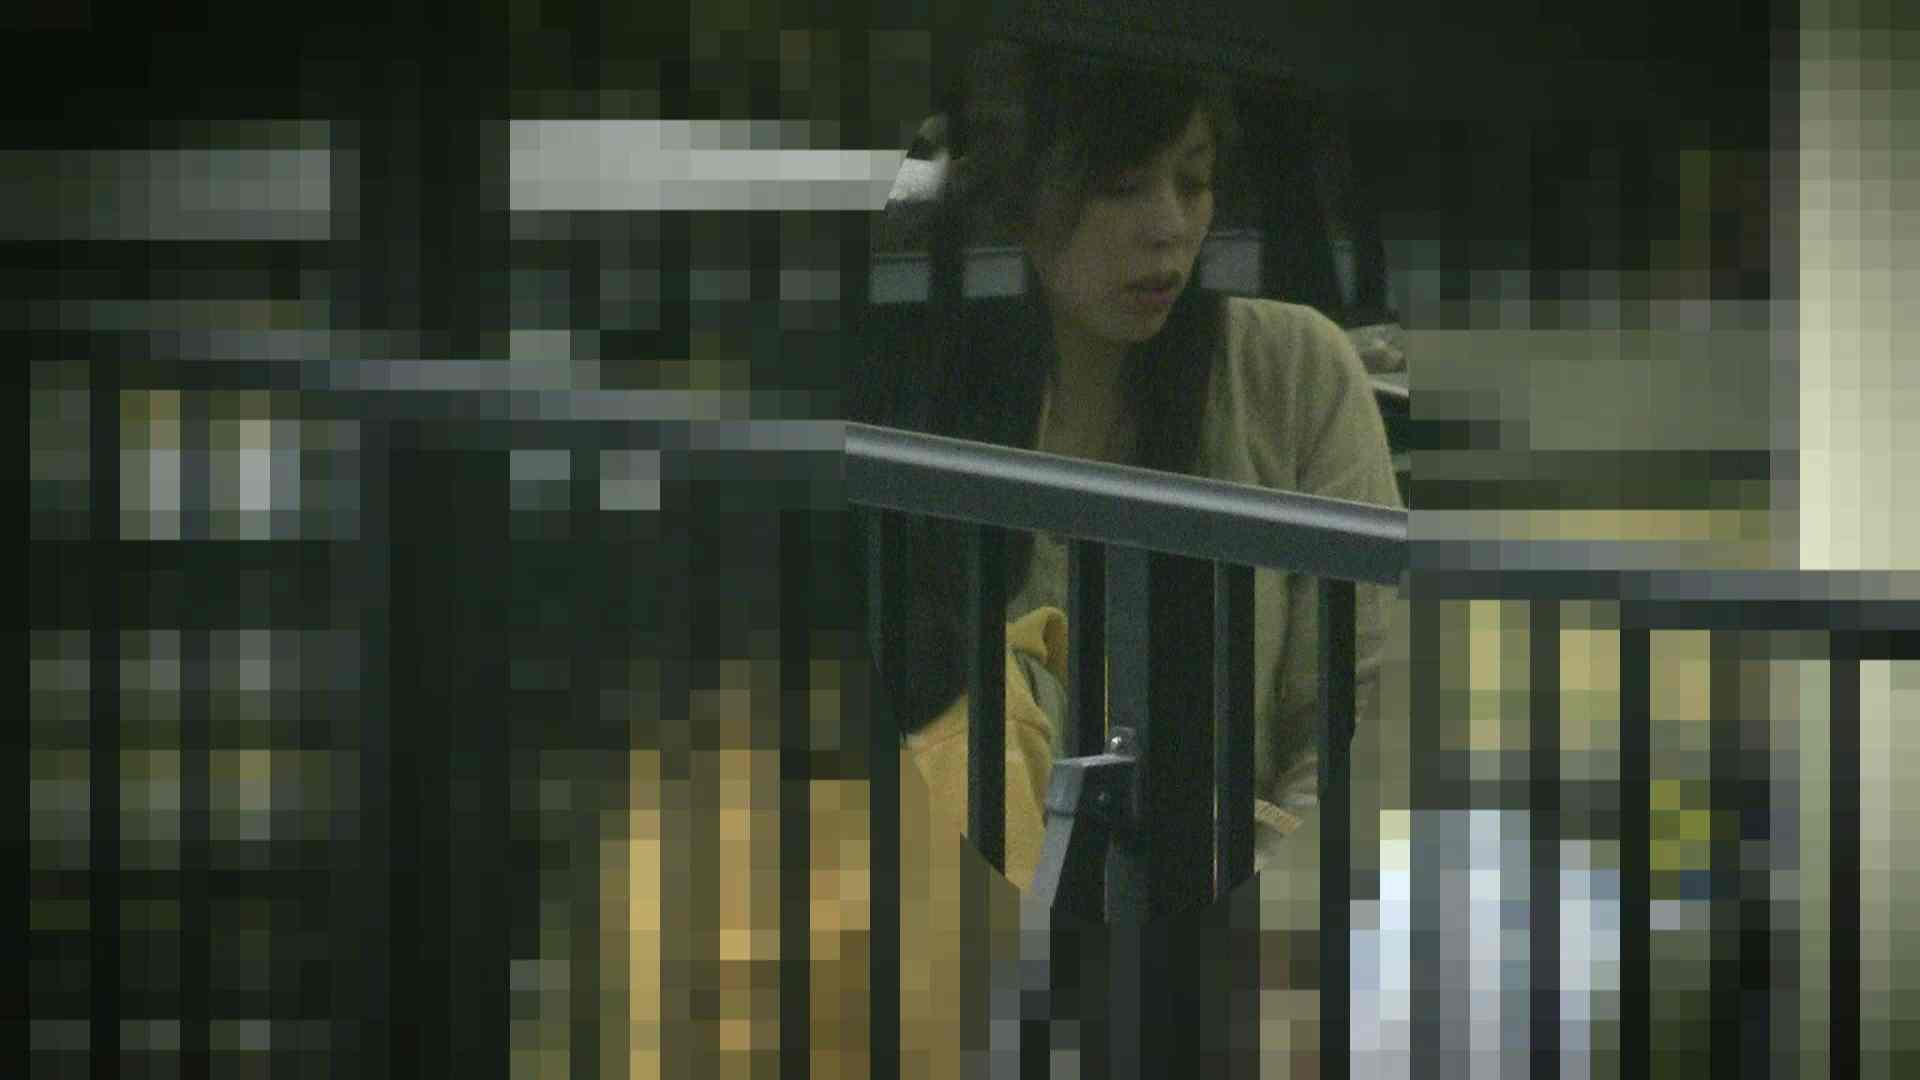 高画質露天女風呂観察 vol.006 女風呂 | 望遠映像  98PIX 55